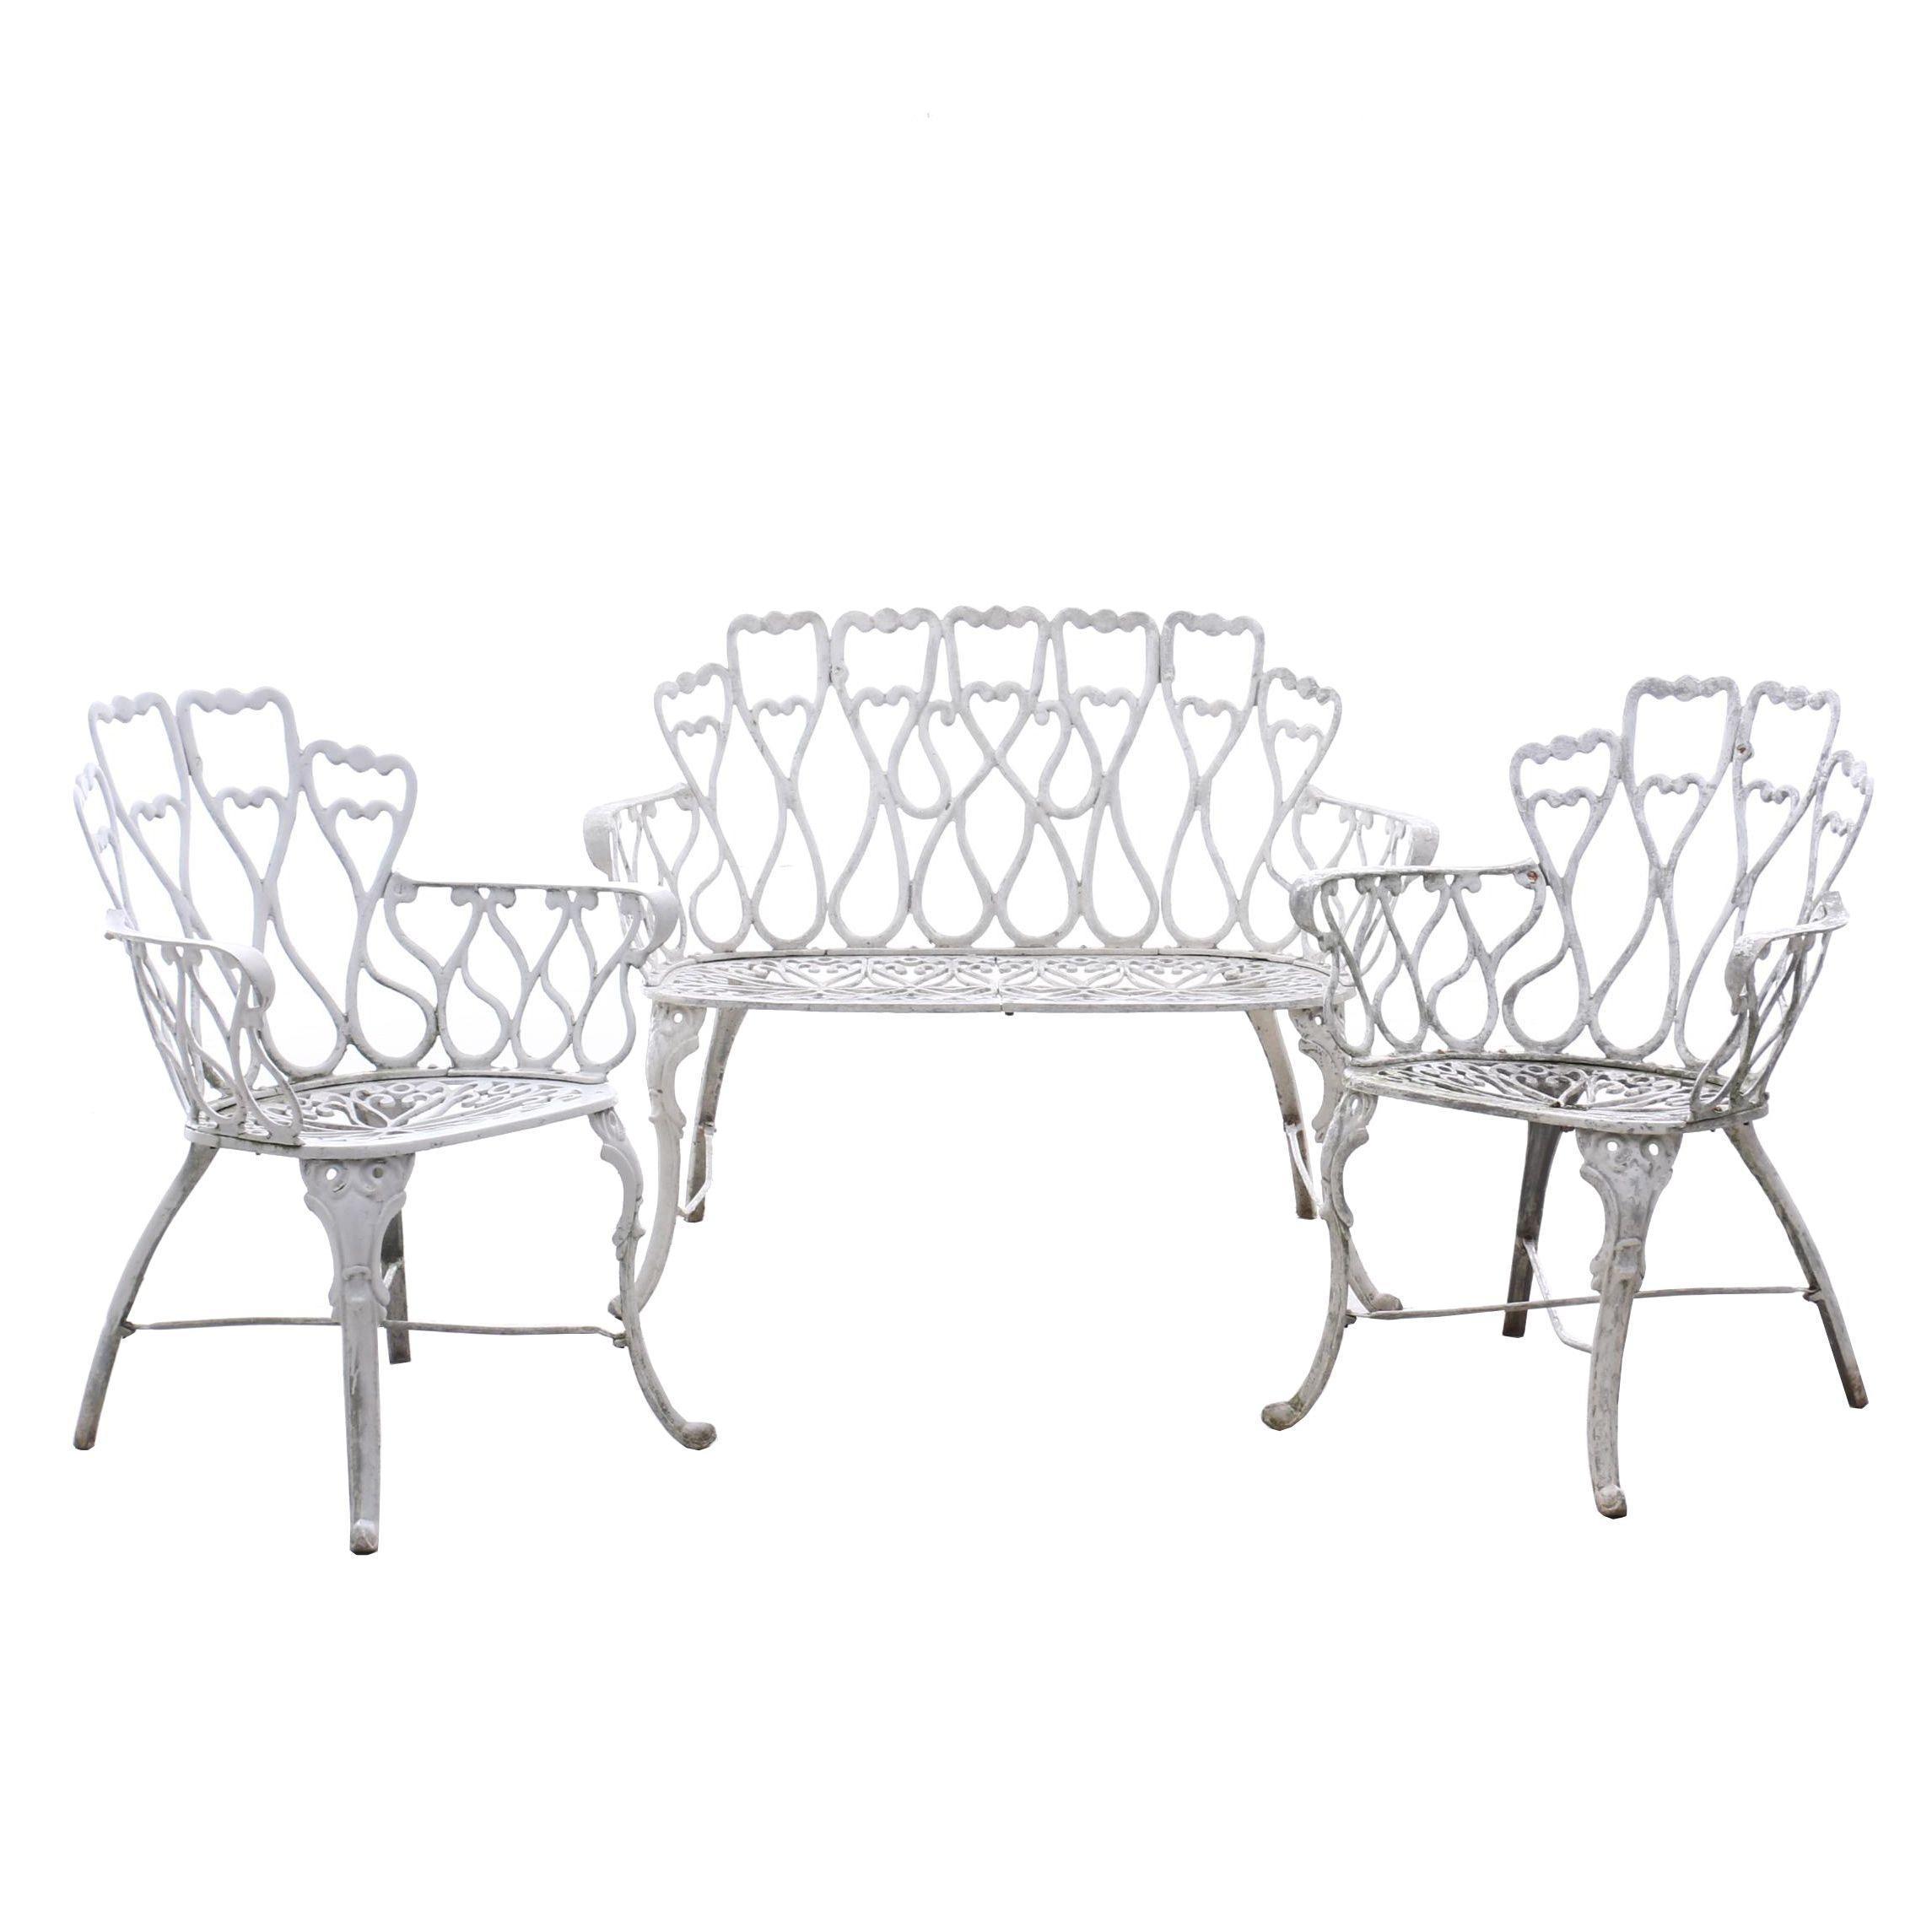 Three Piece Cast Aluminum Patio Set in White